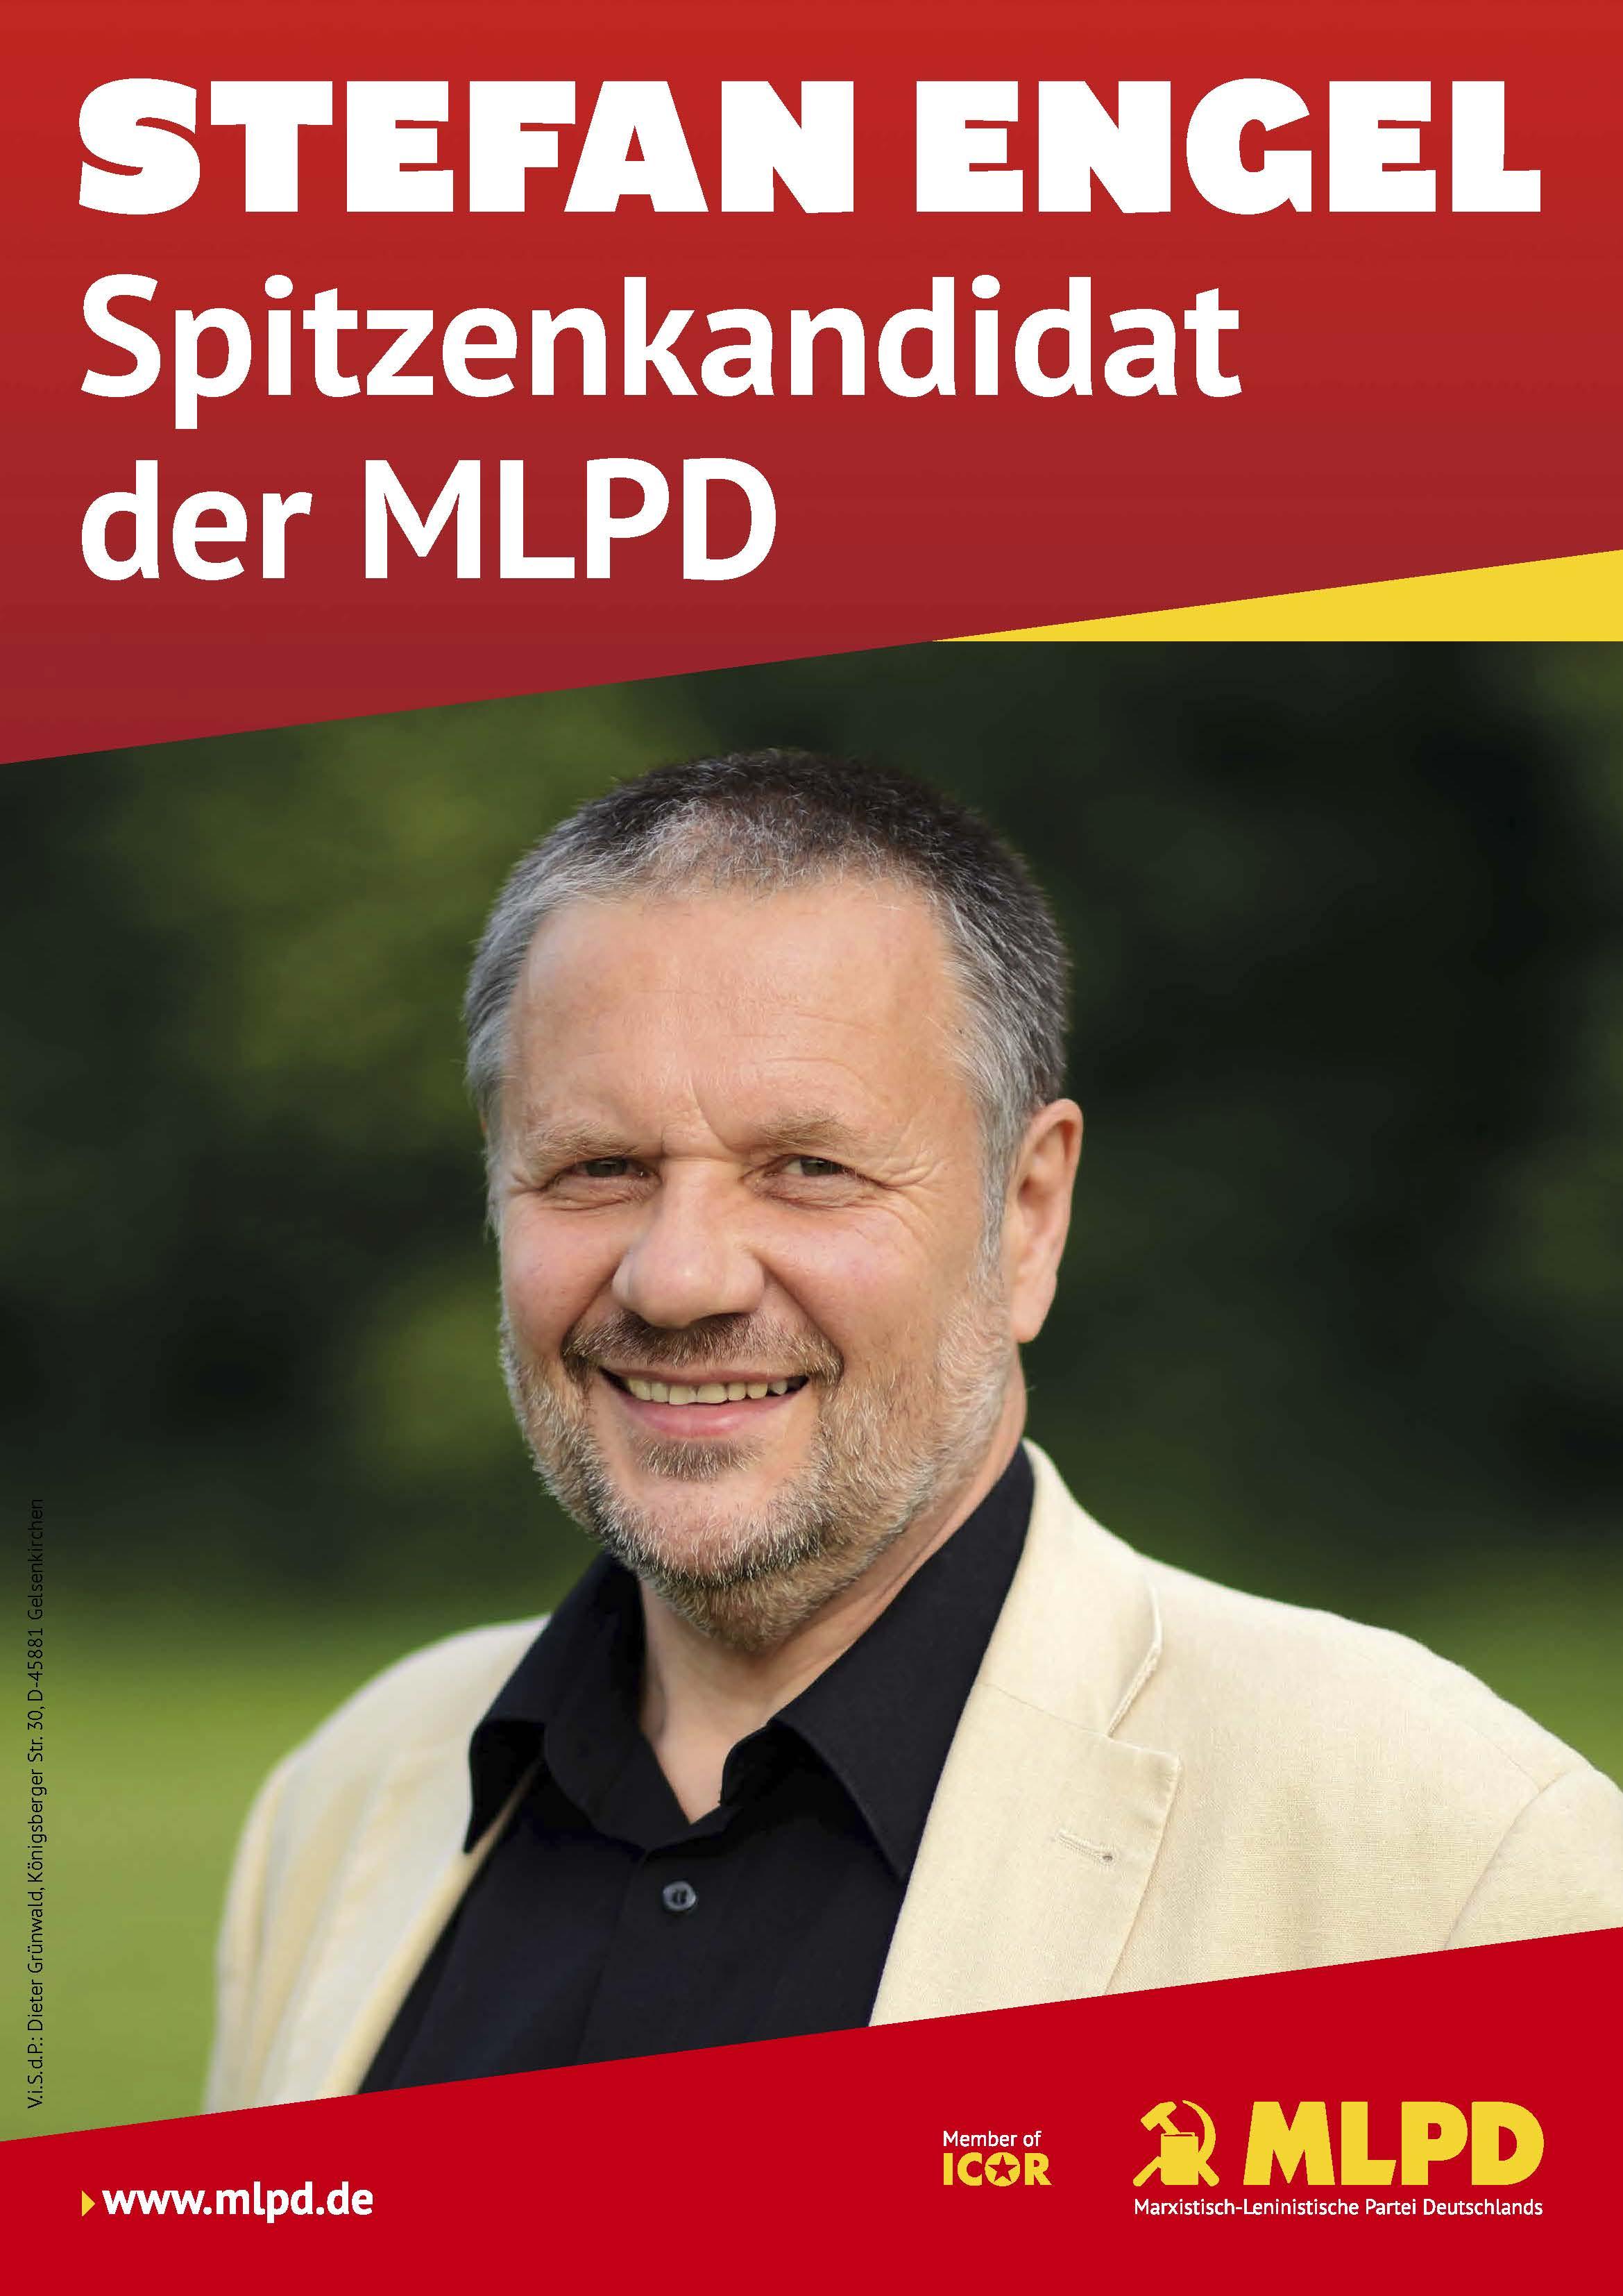 Stefan Engel Spitzenkandidat der MLPD